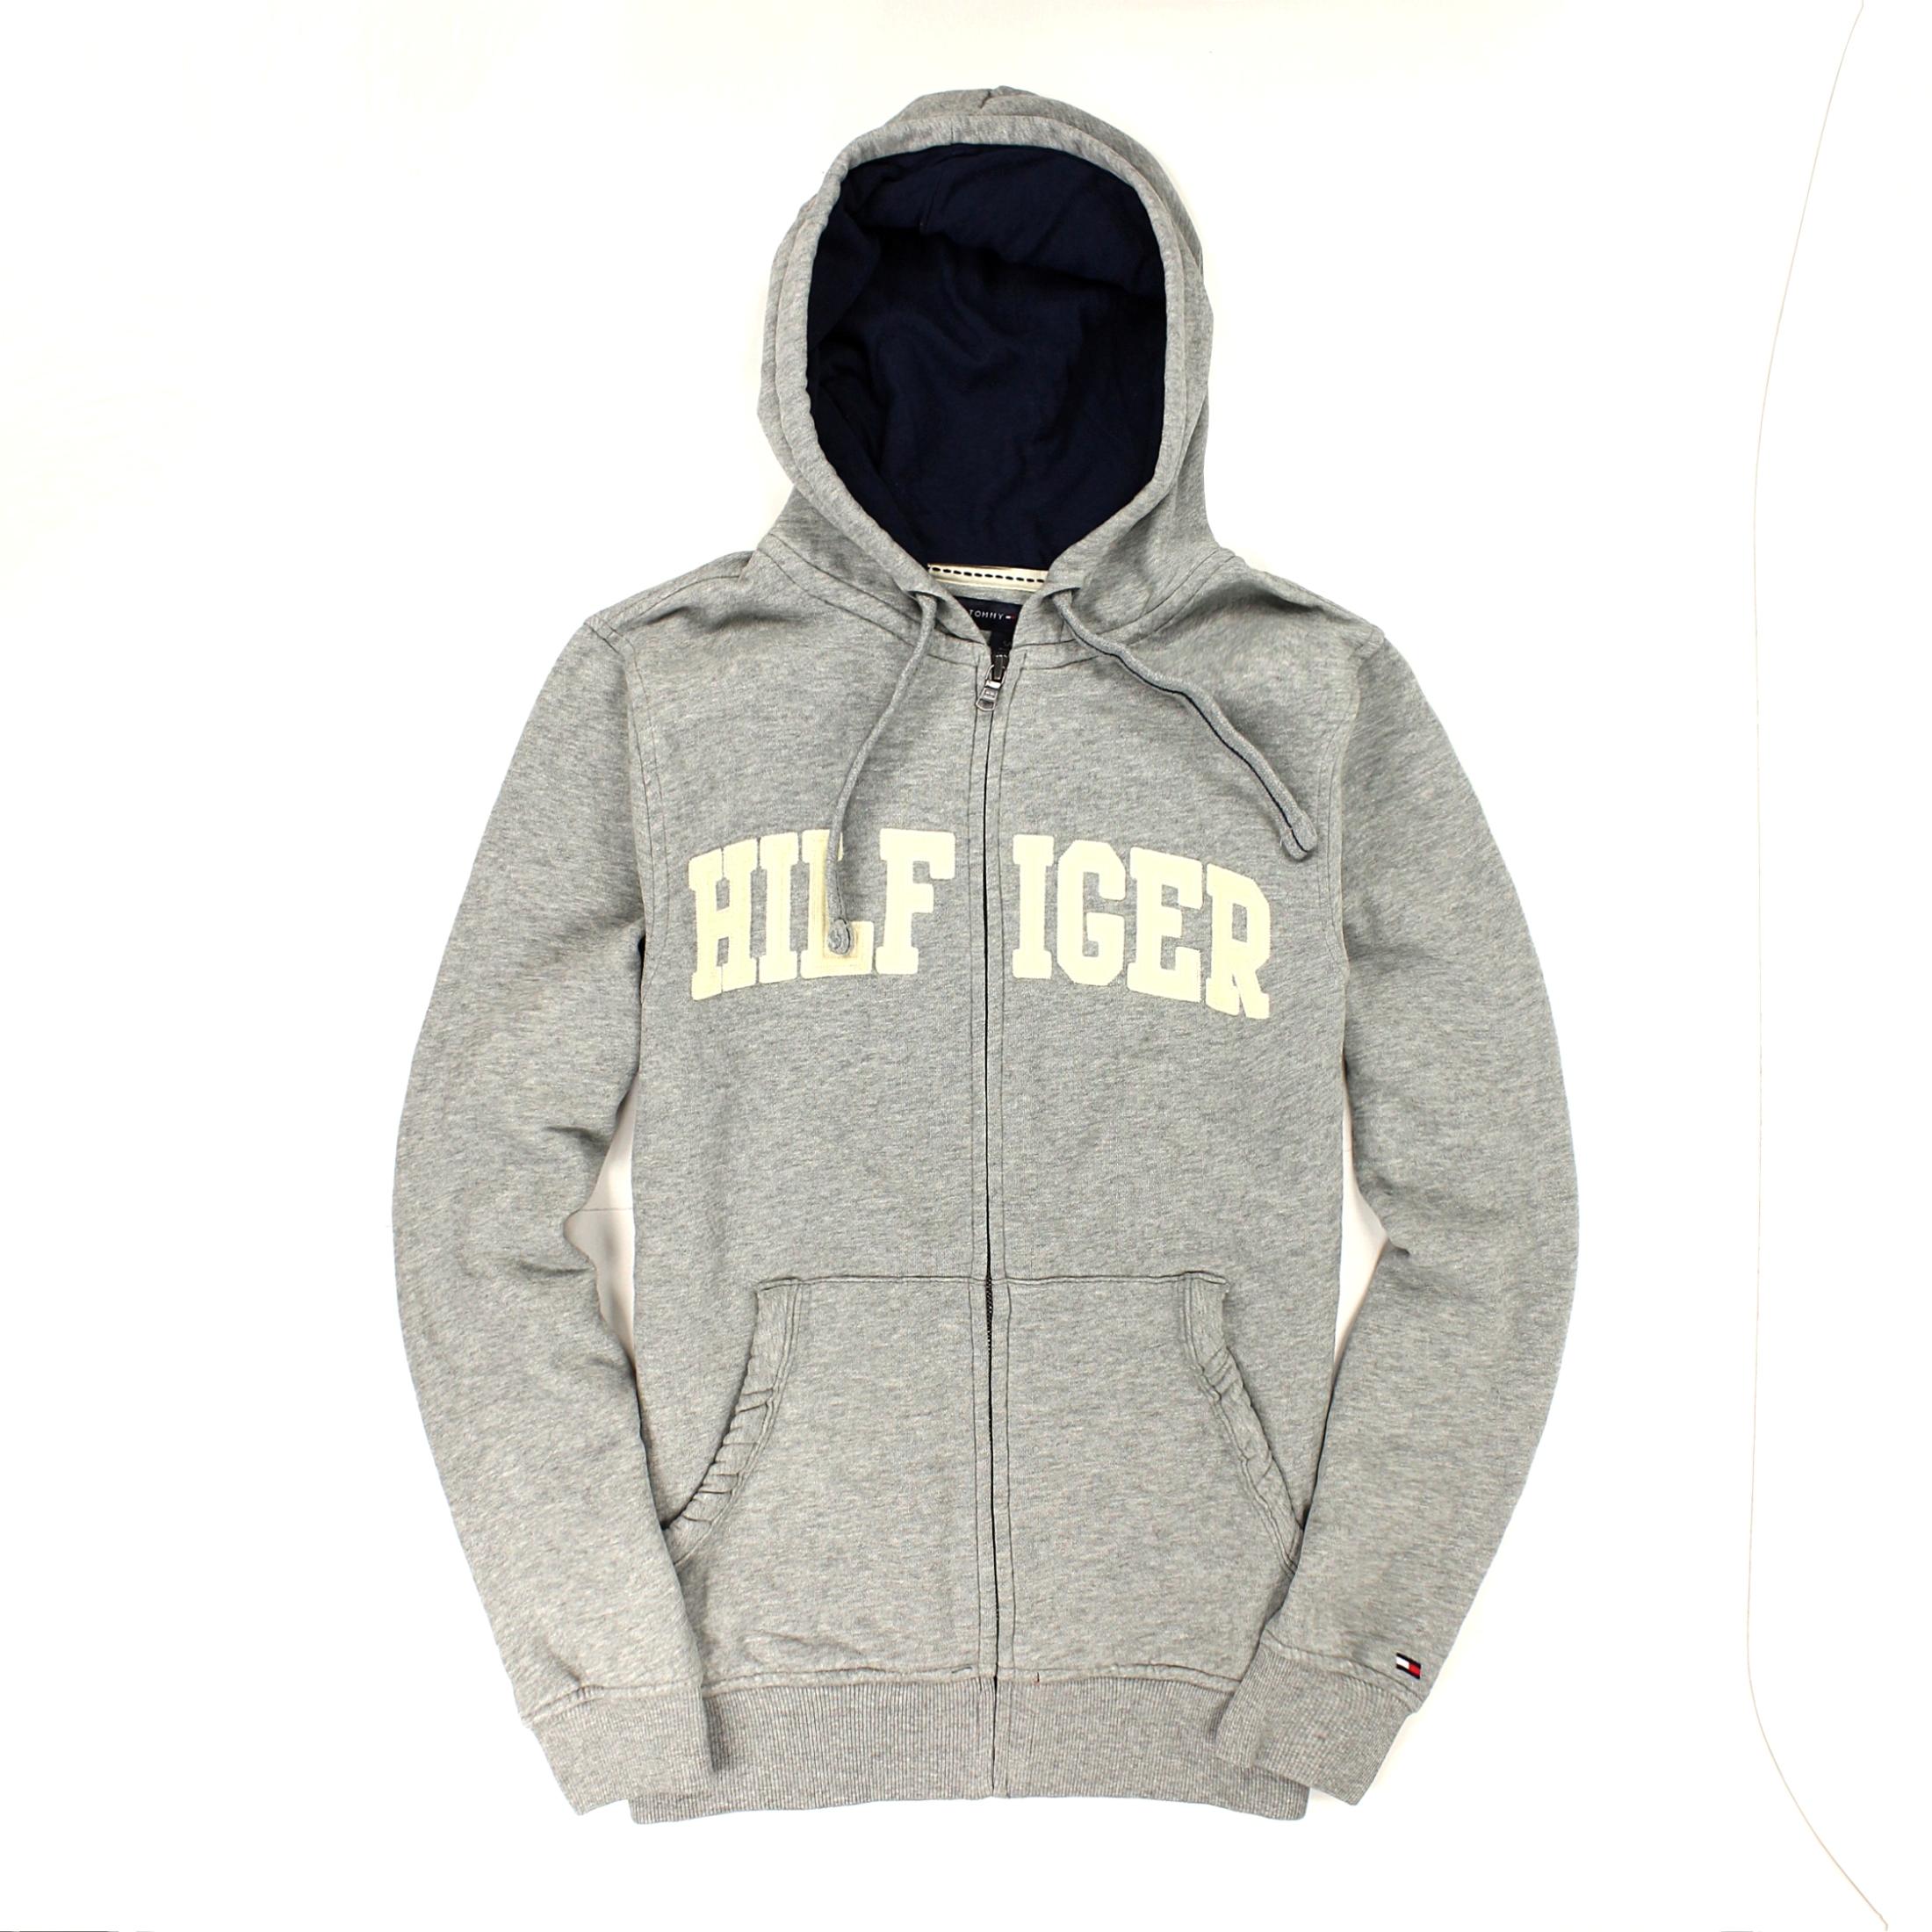 美國百分百【全新真品】Tommy Hilfiger 外套 TH 連帽外套 夾克 長袖 灰 Logo 棉質 保暖 經典 男 S號